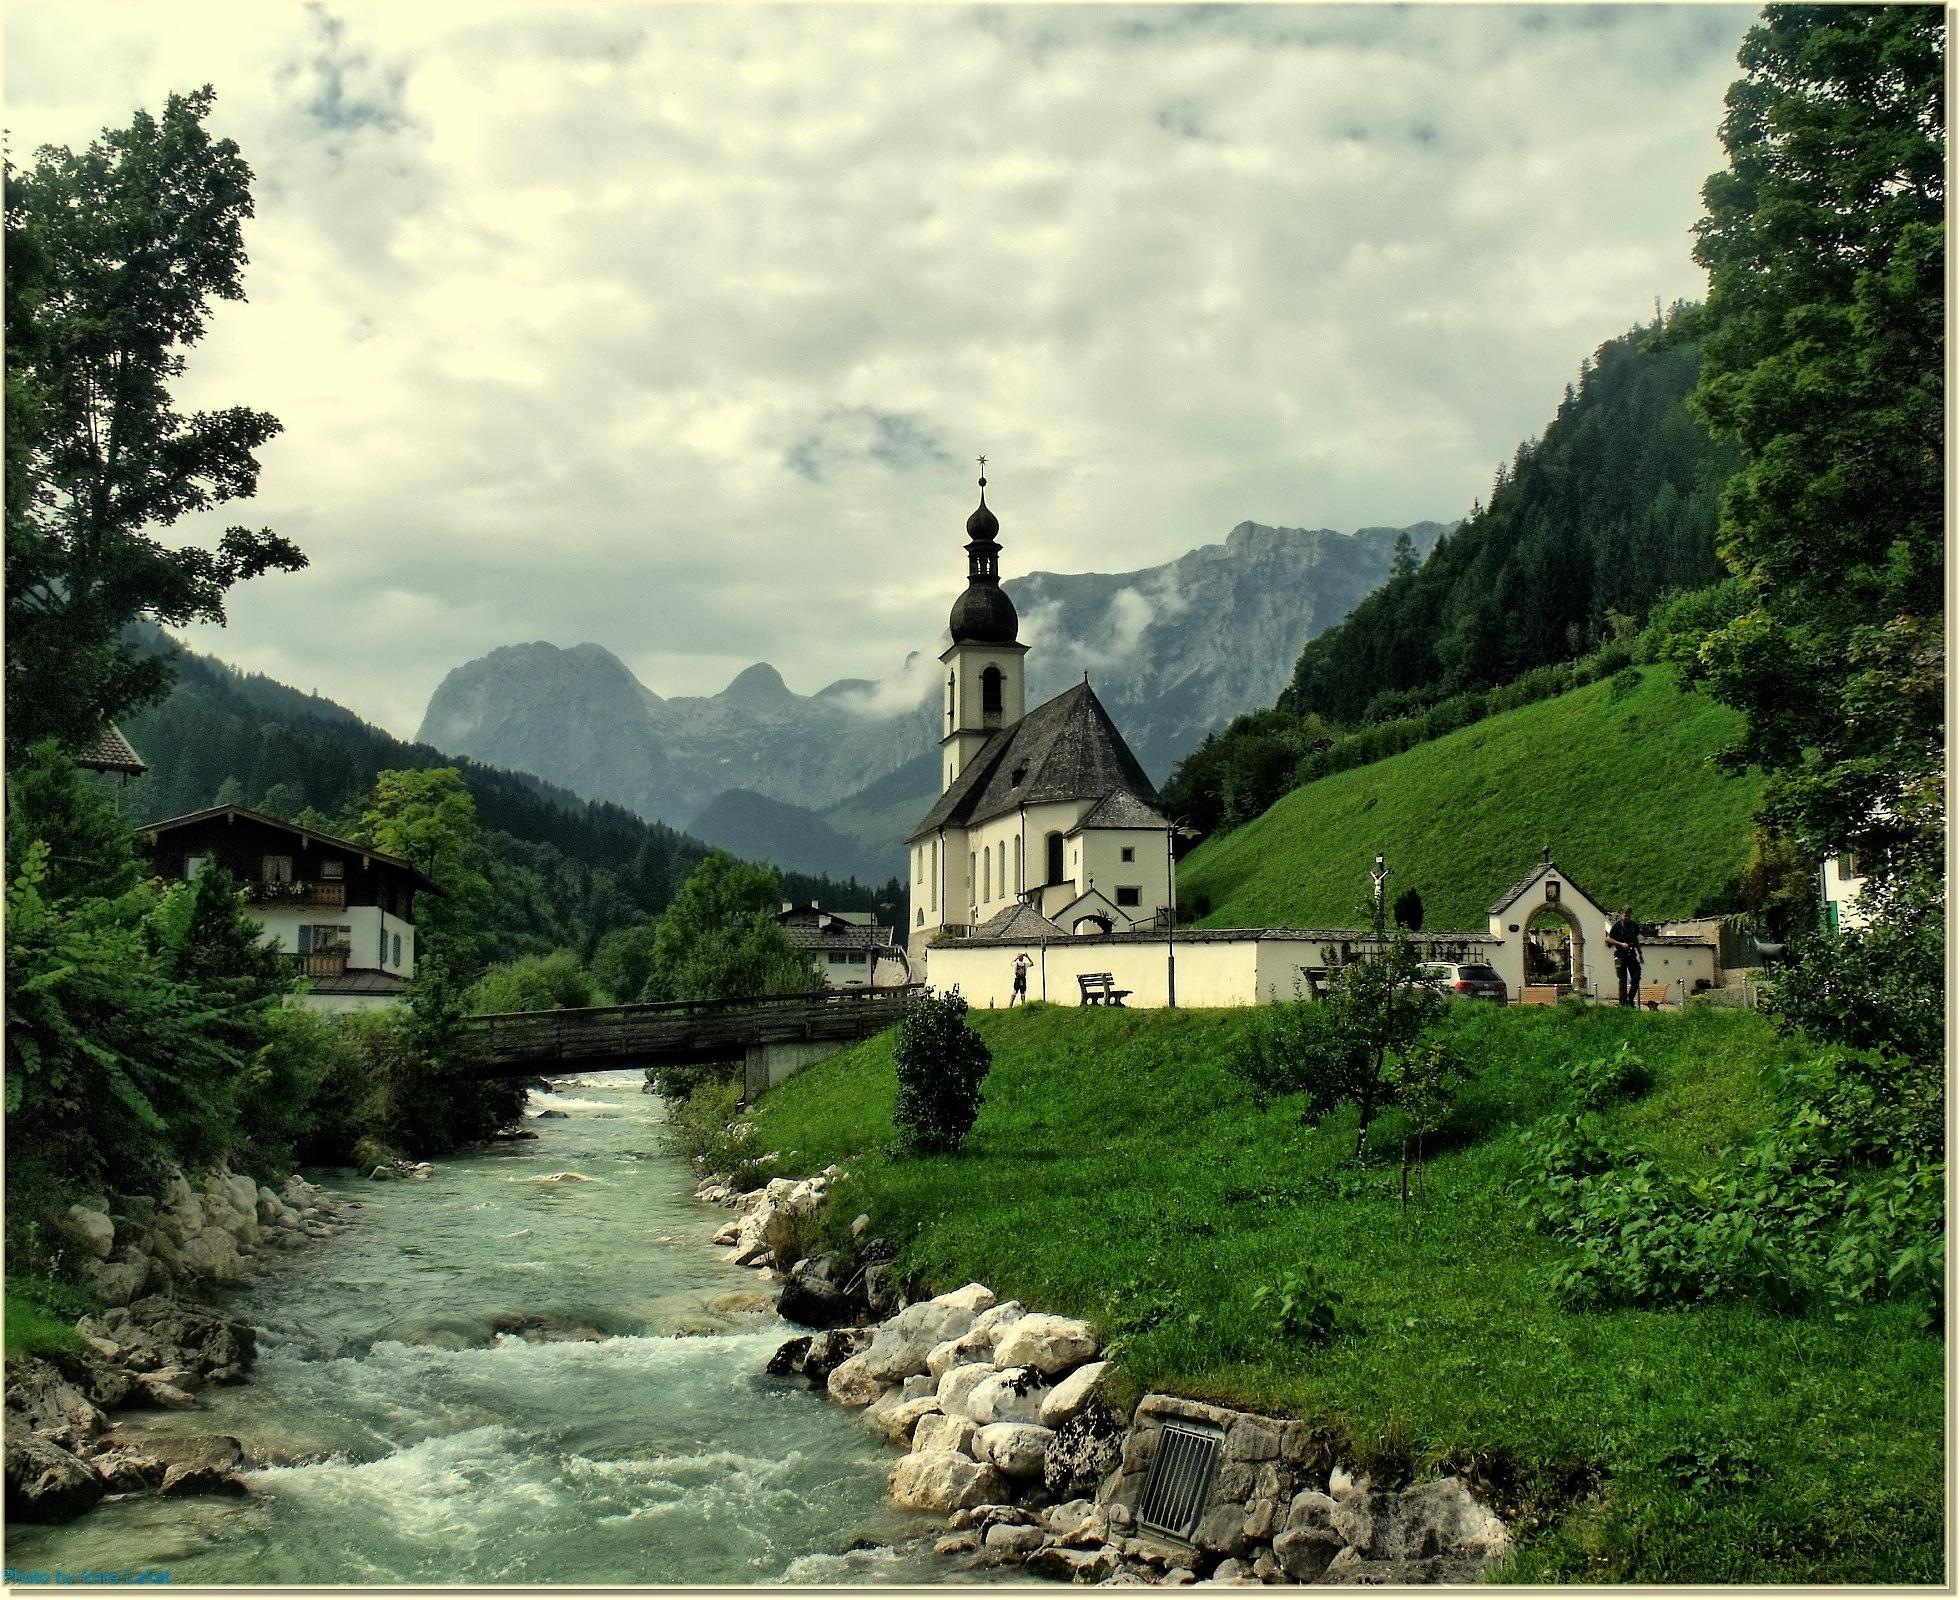 Kirche by Imre Lakat